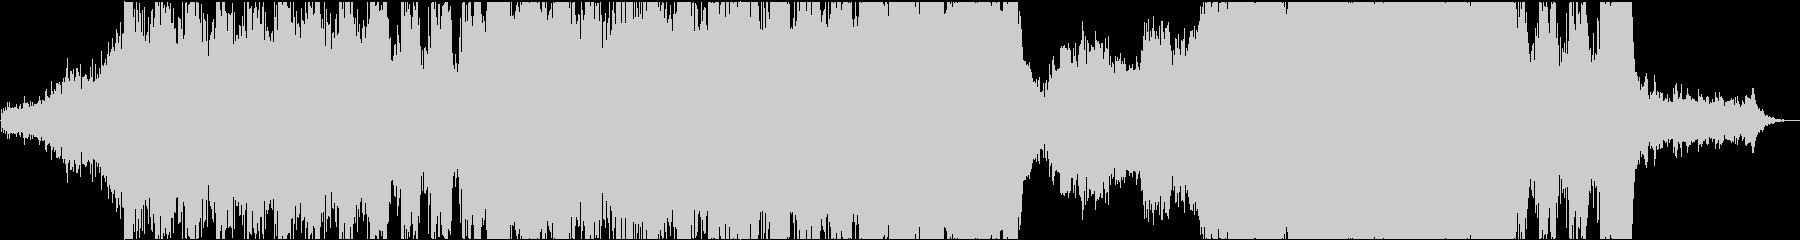 シリアスな緊迫シーン/オーケストラの未再生の波形